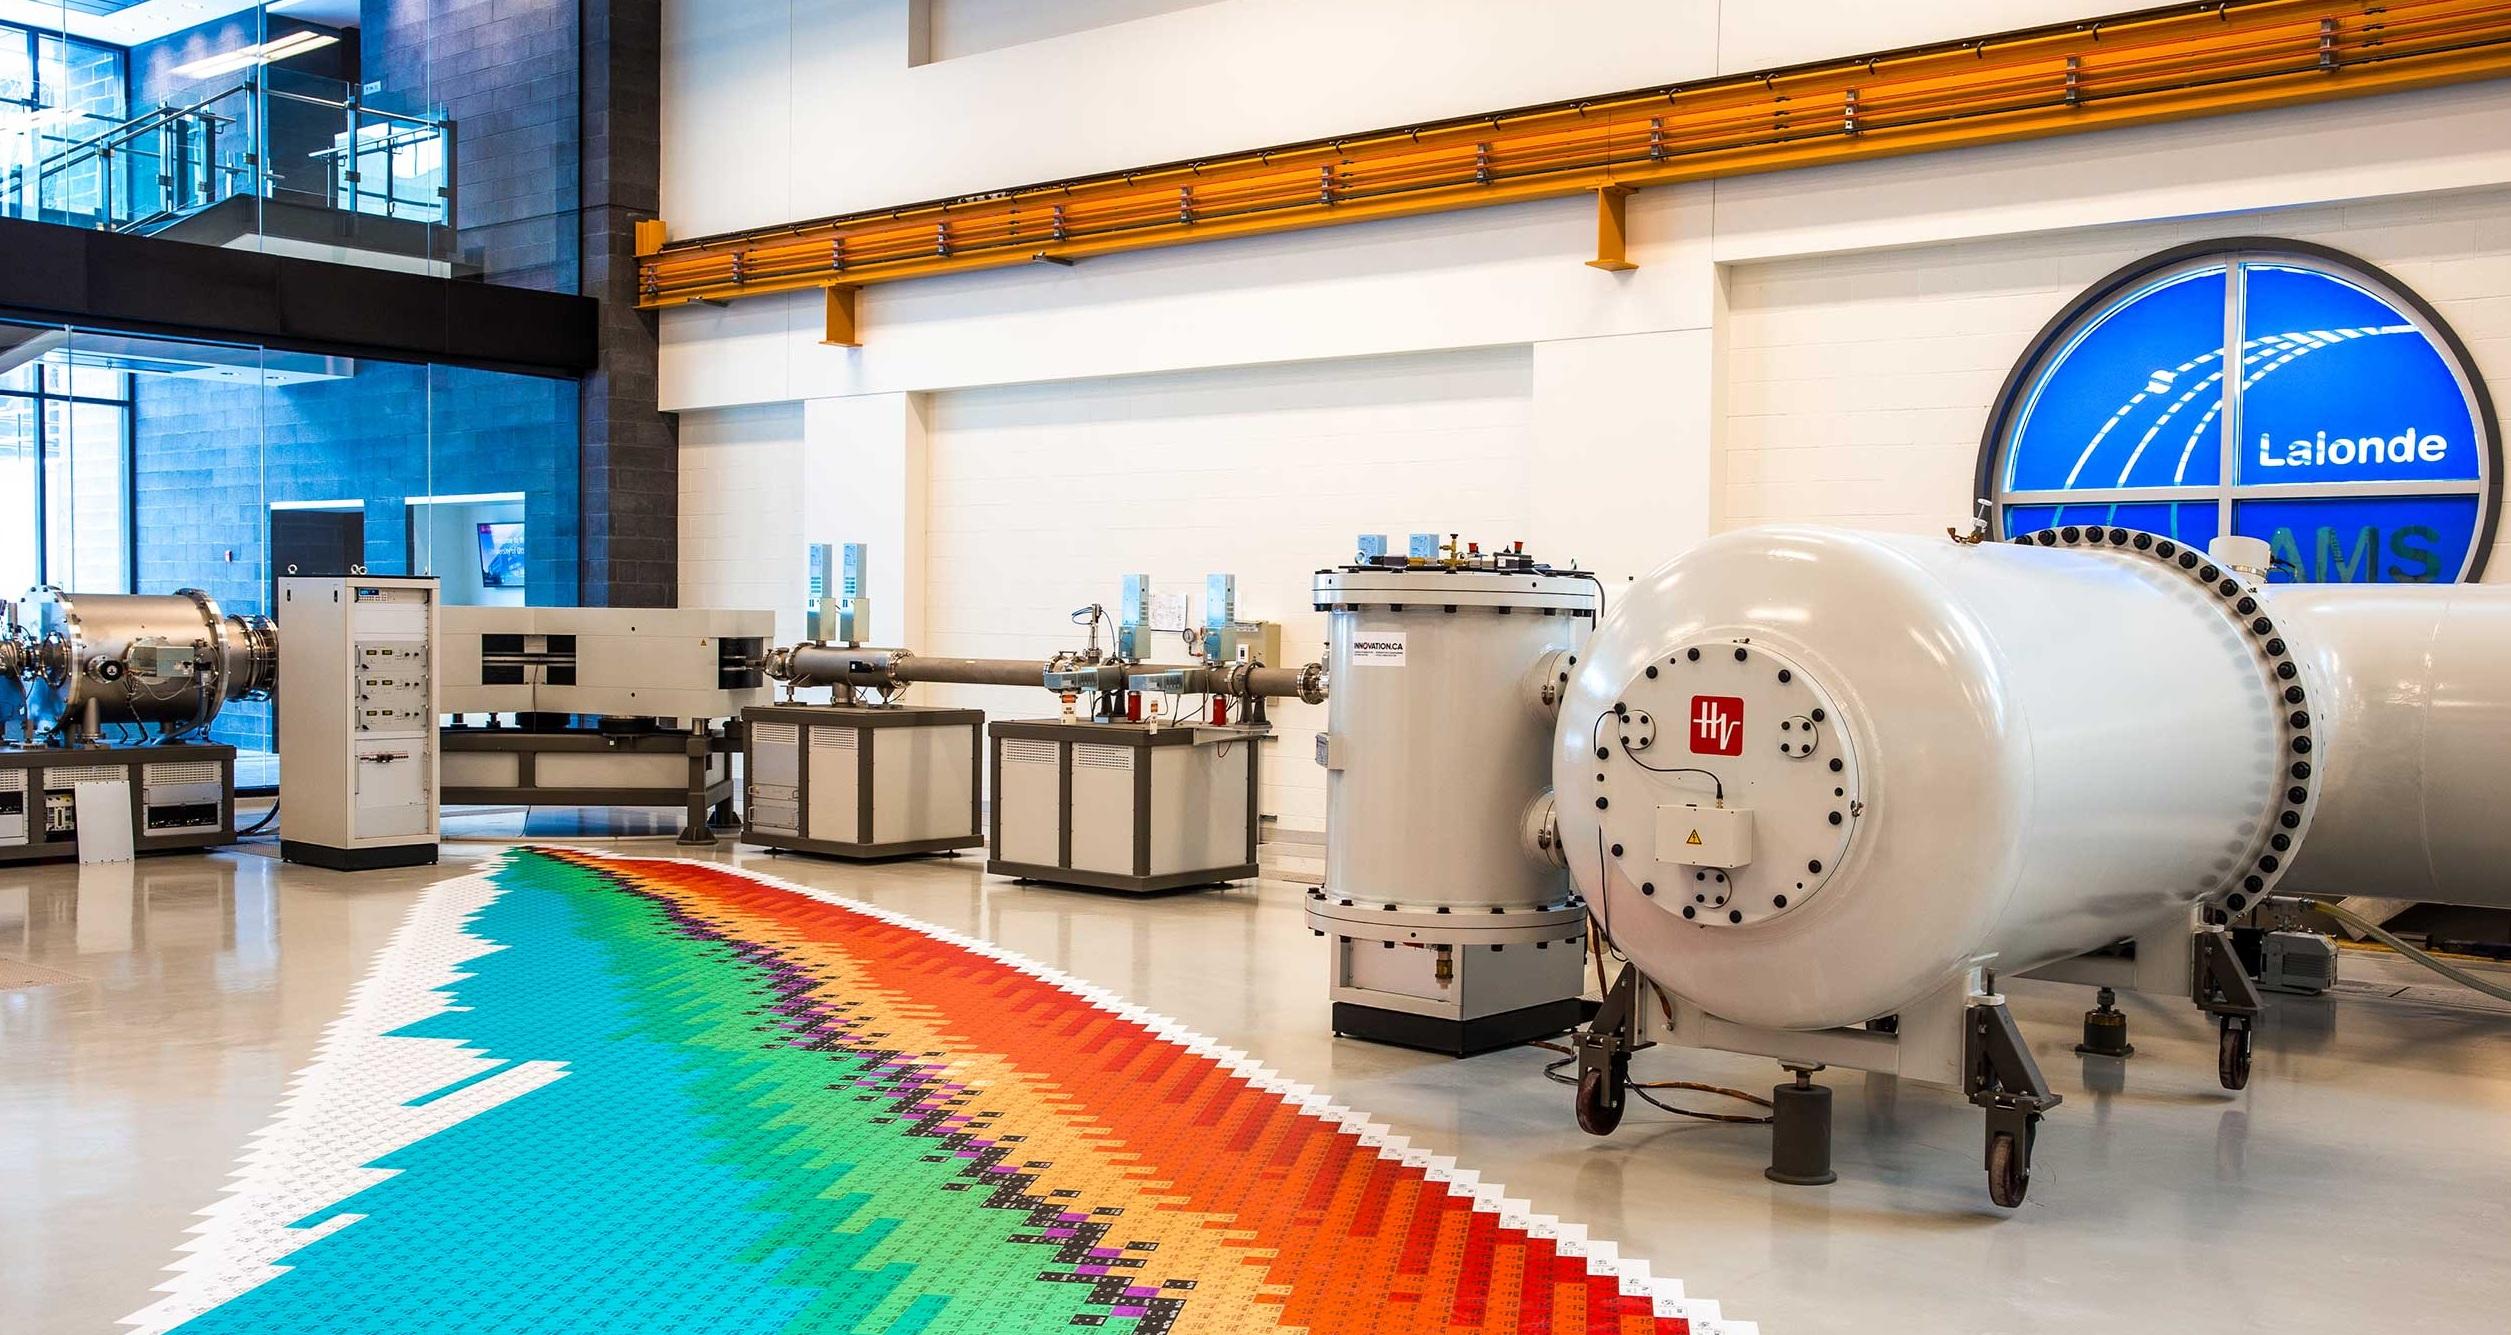 Photo d'un spectromètre de masse par accélérateur, une pièce d'équipement scientifique de haute technologie